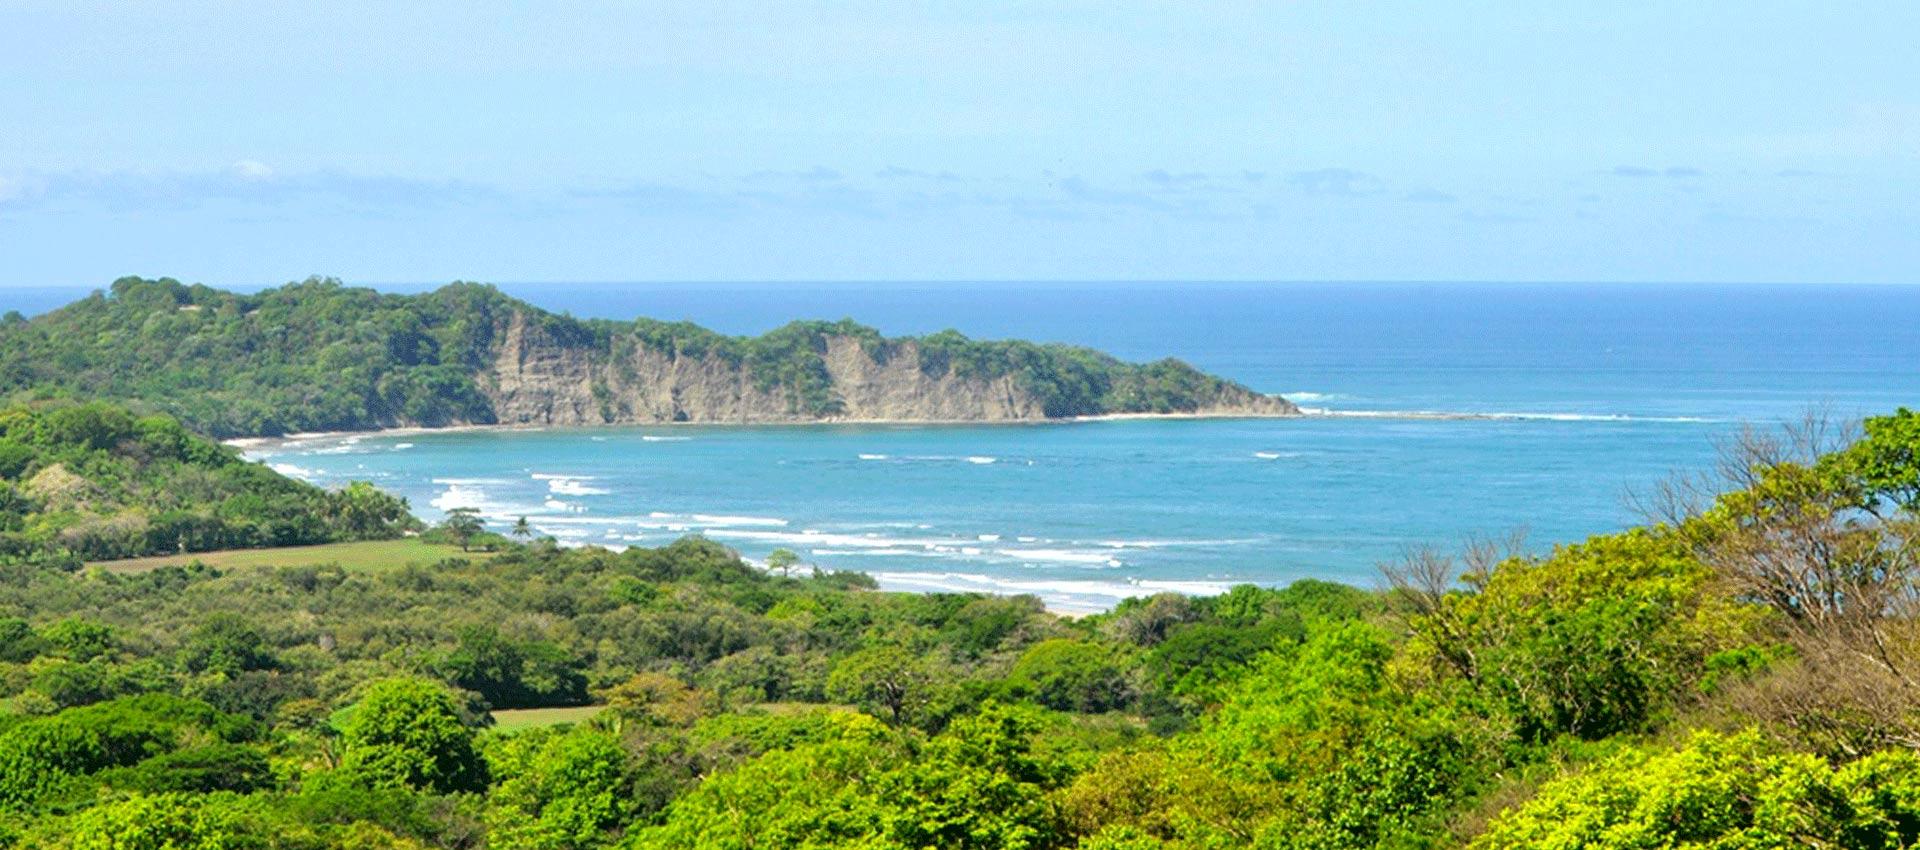 guiones-nosara-costa-rica-tour-beach